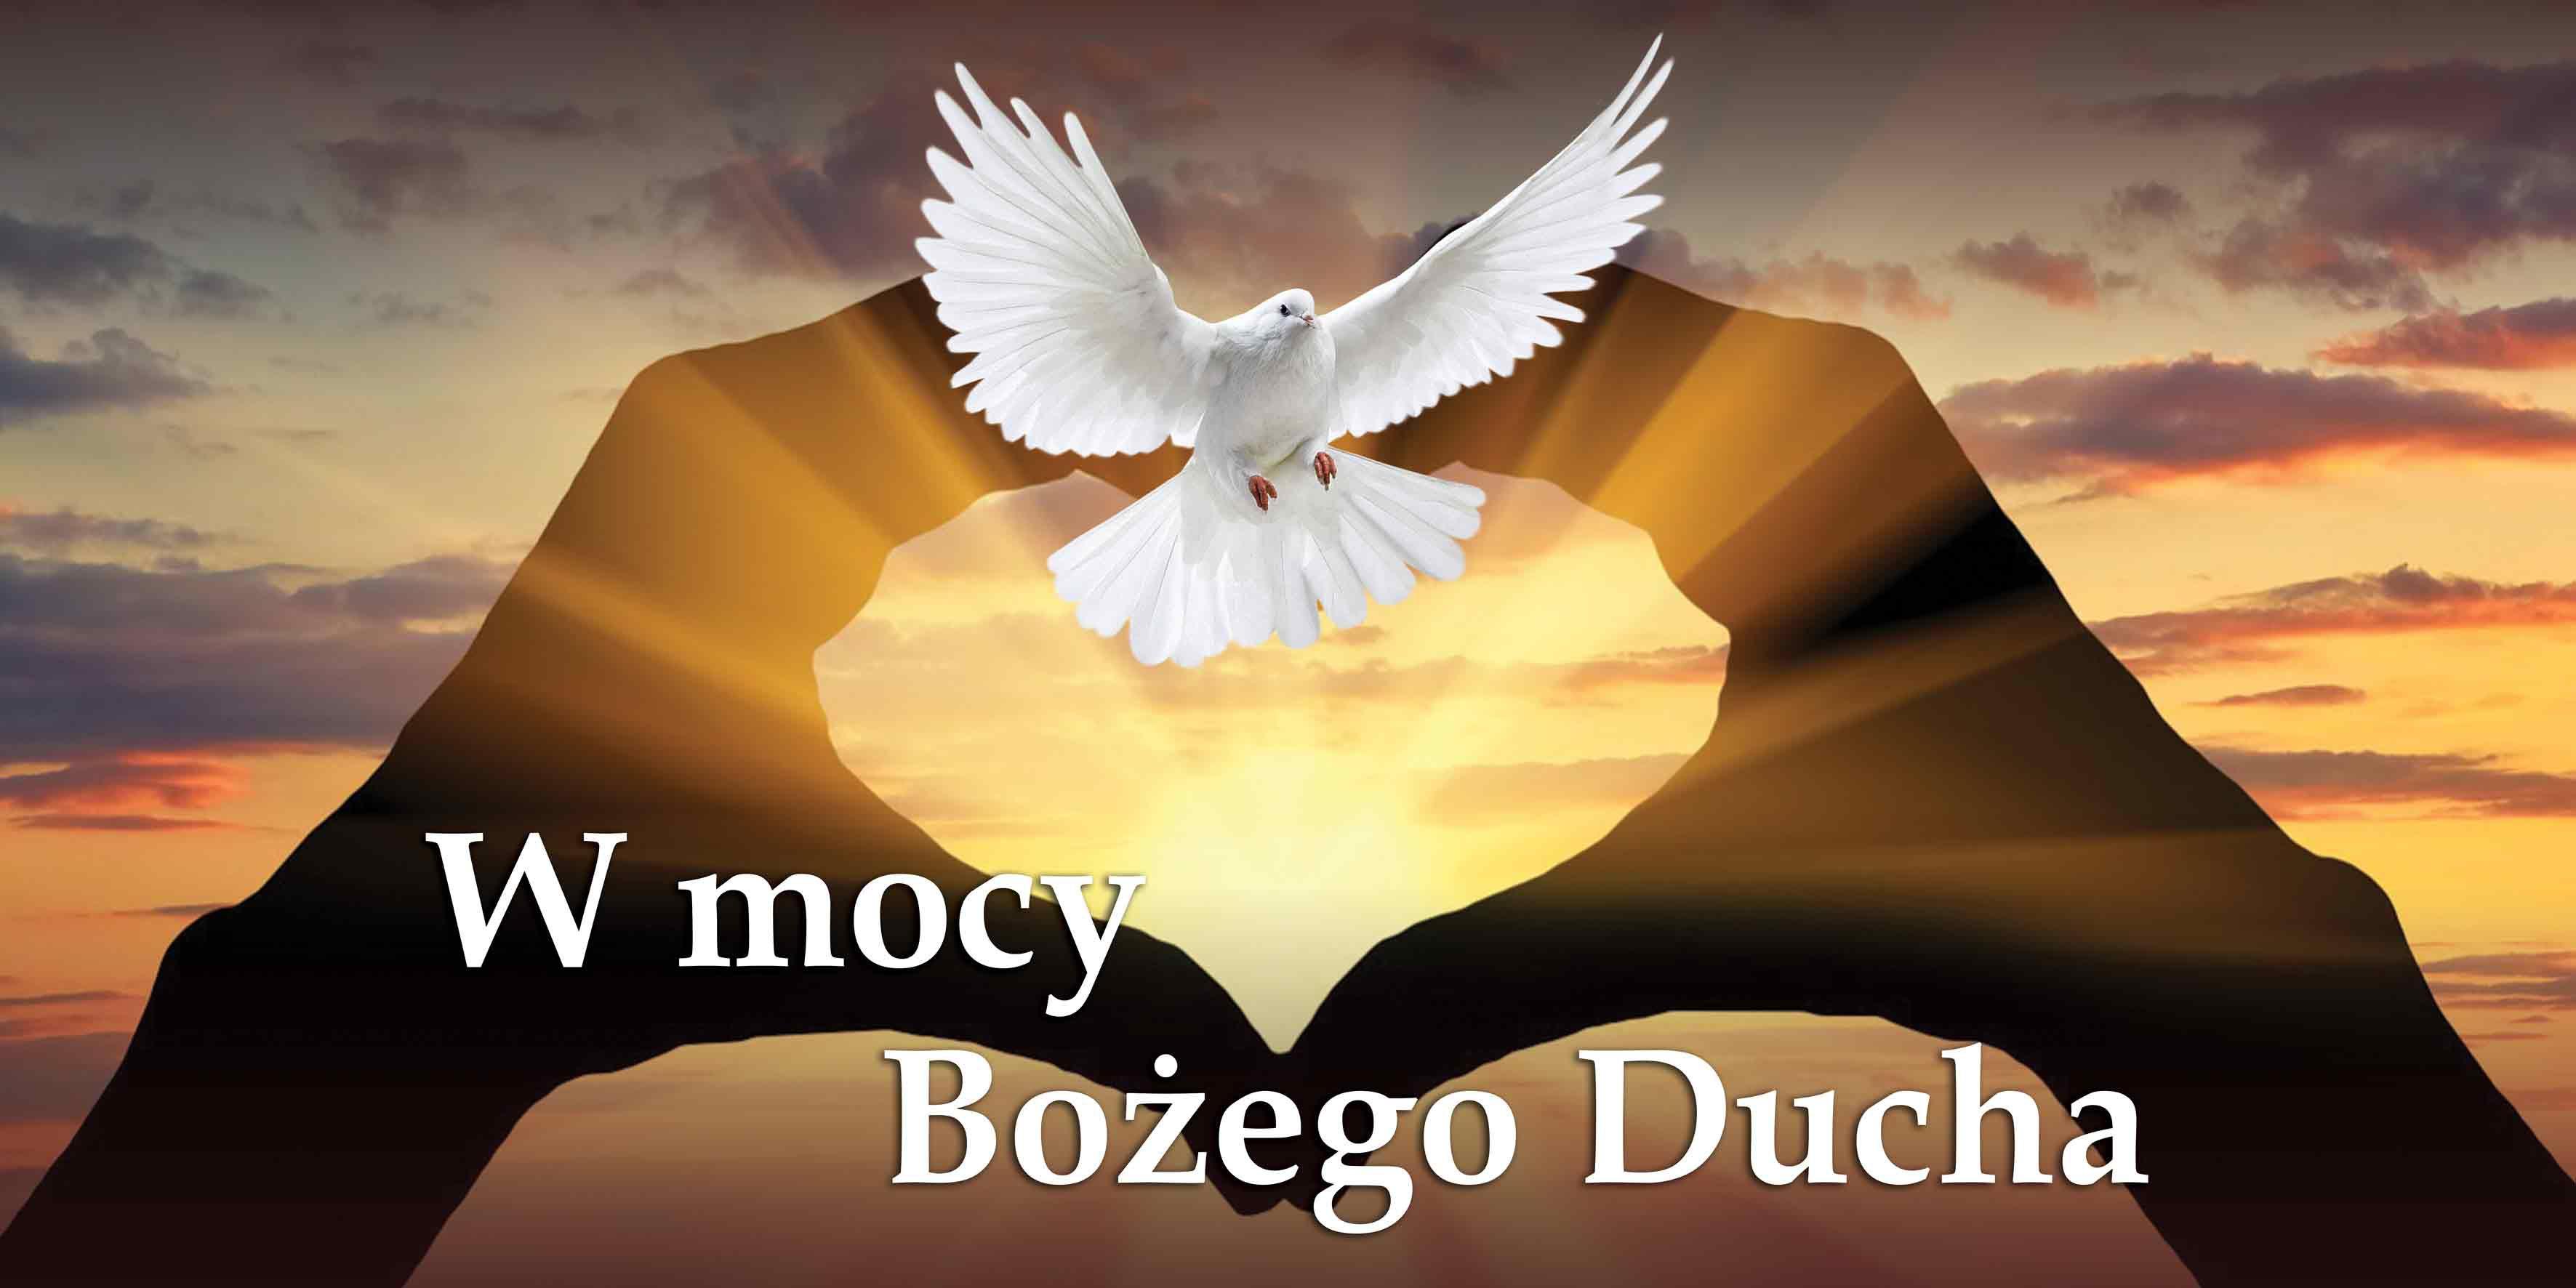 W Mocy Bozego Ducha - Baner z haslem roku liturgicznego